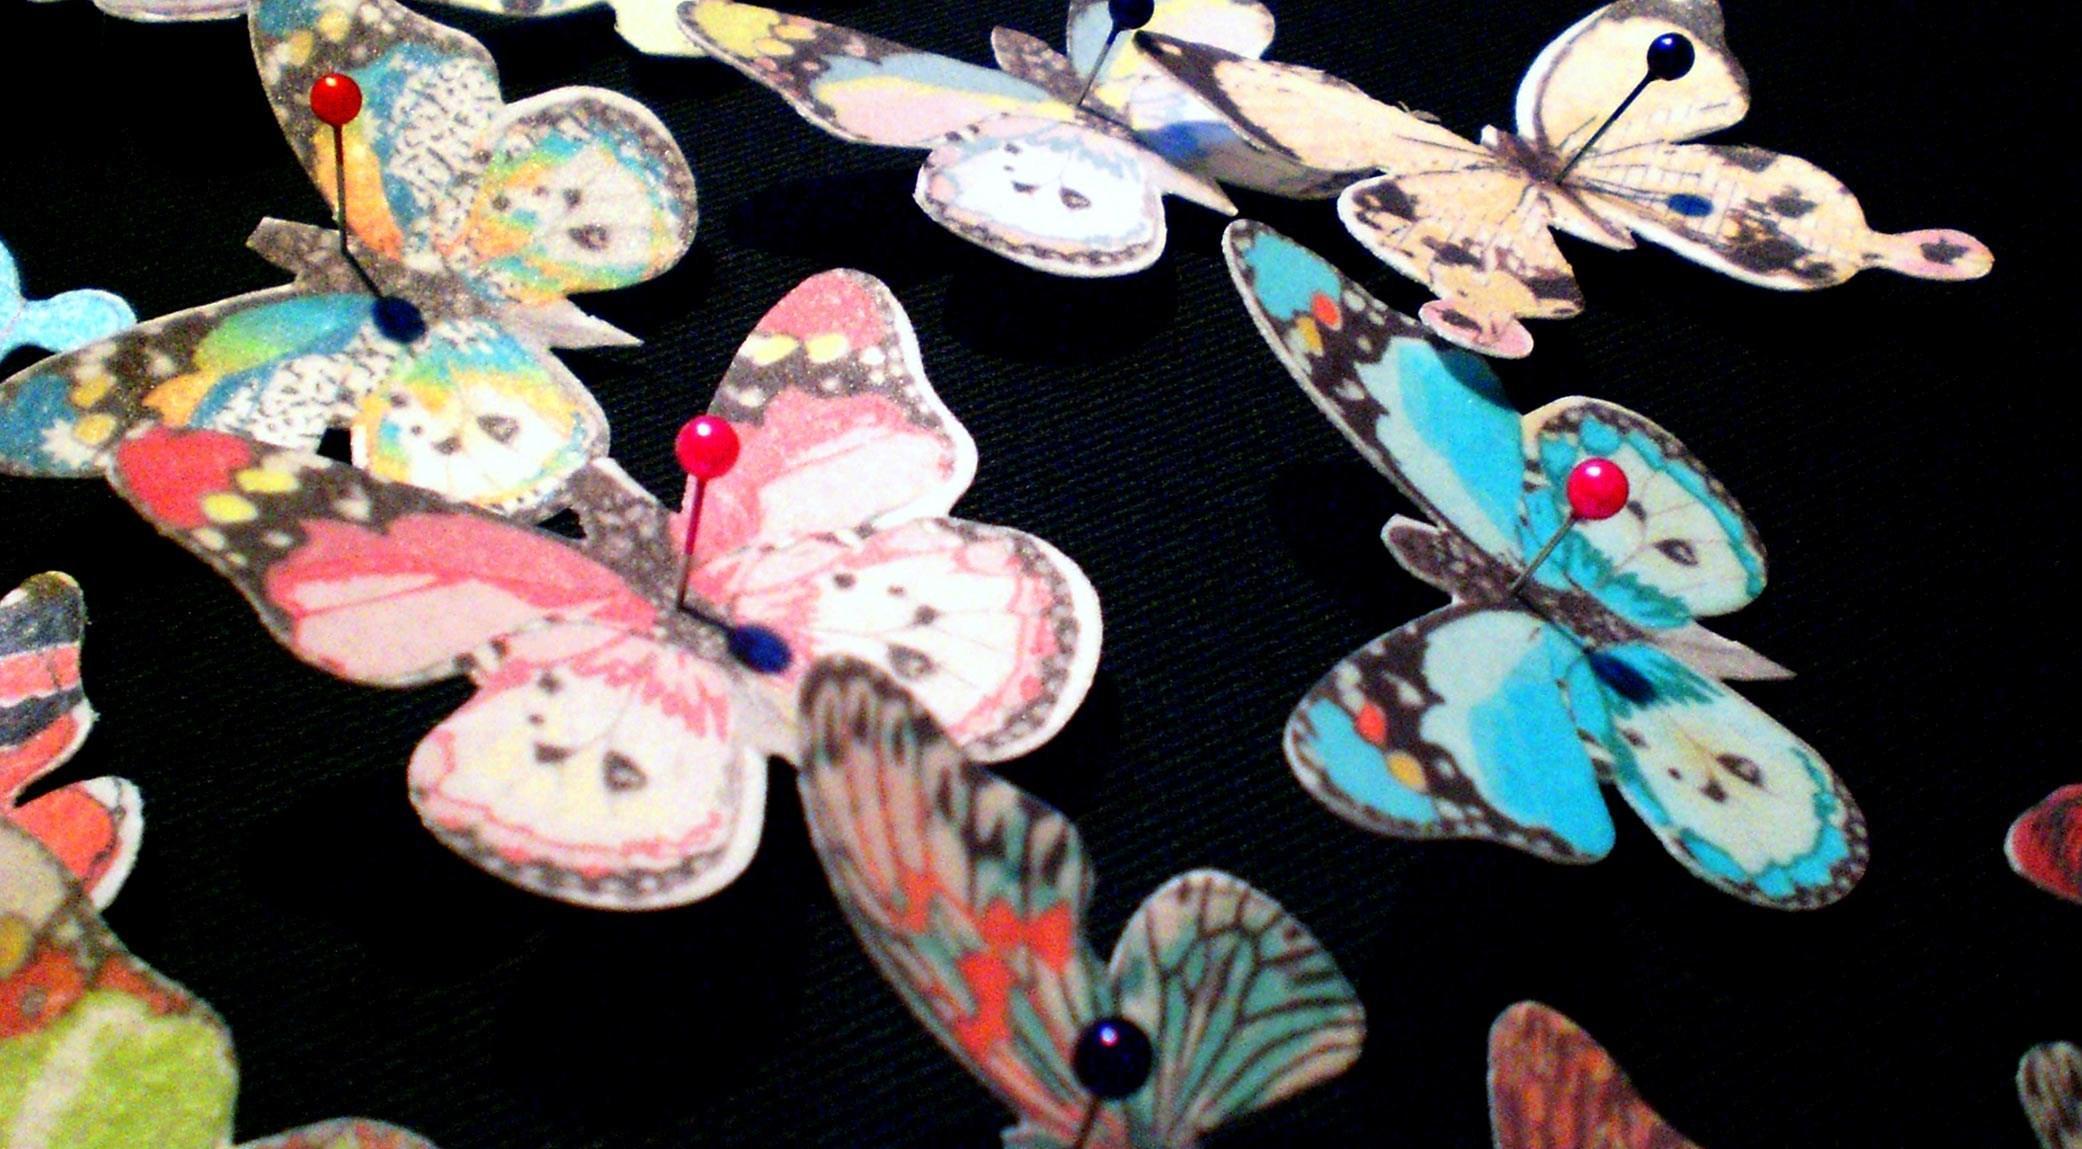 Natascia-Fenoglio-Md-Butterfly